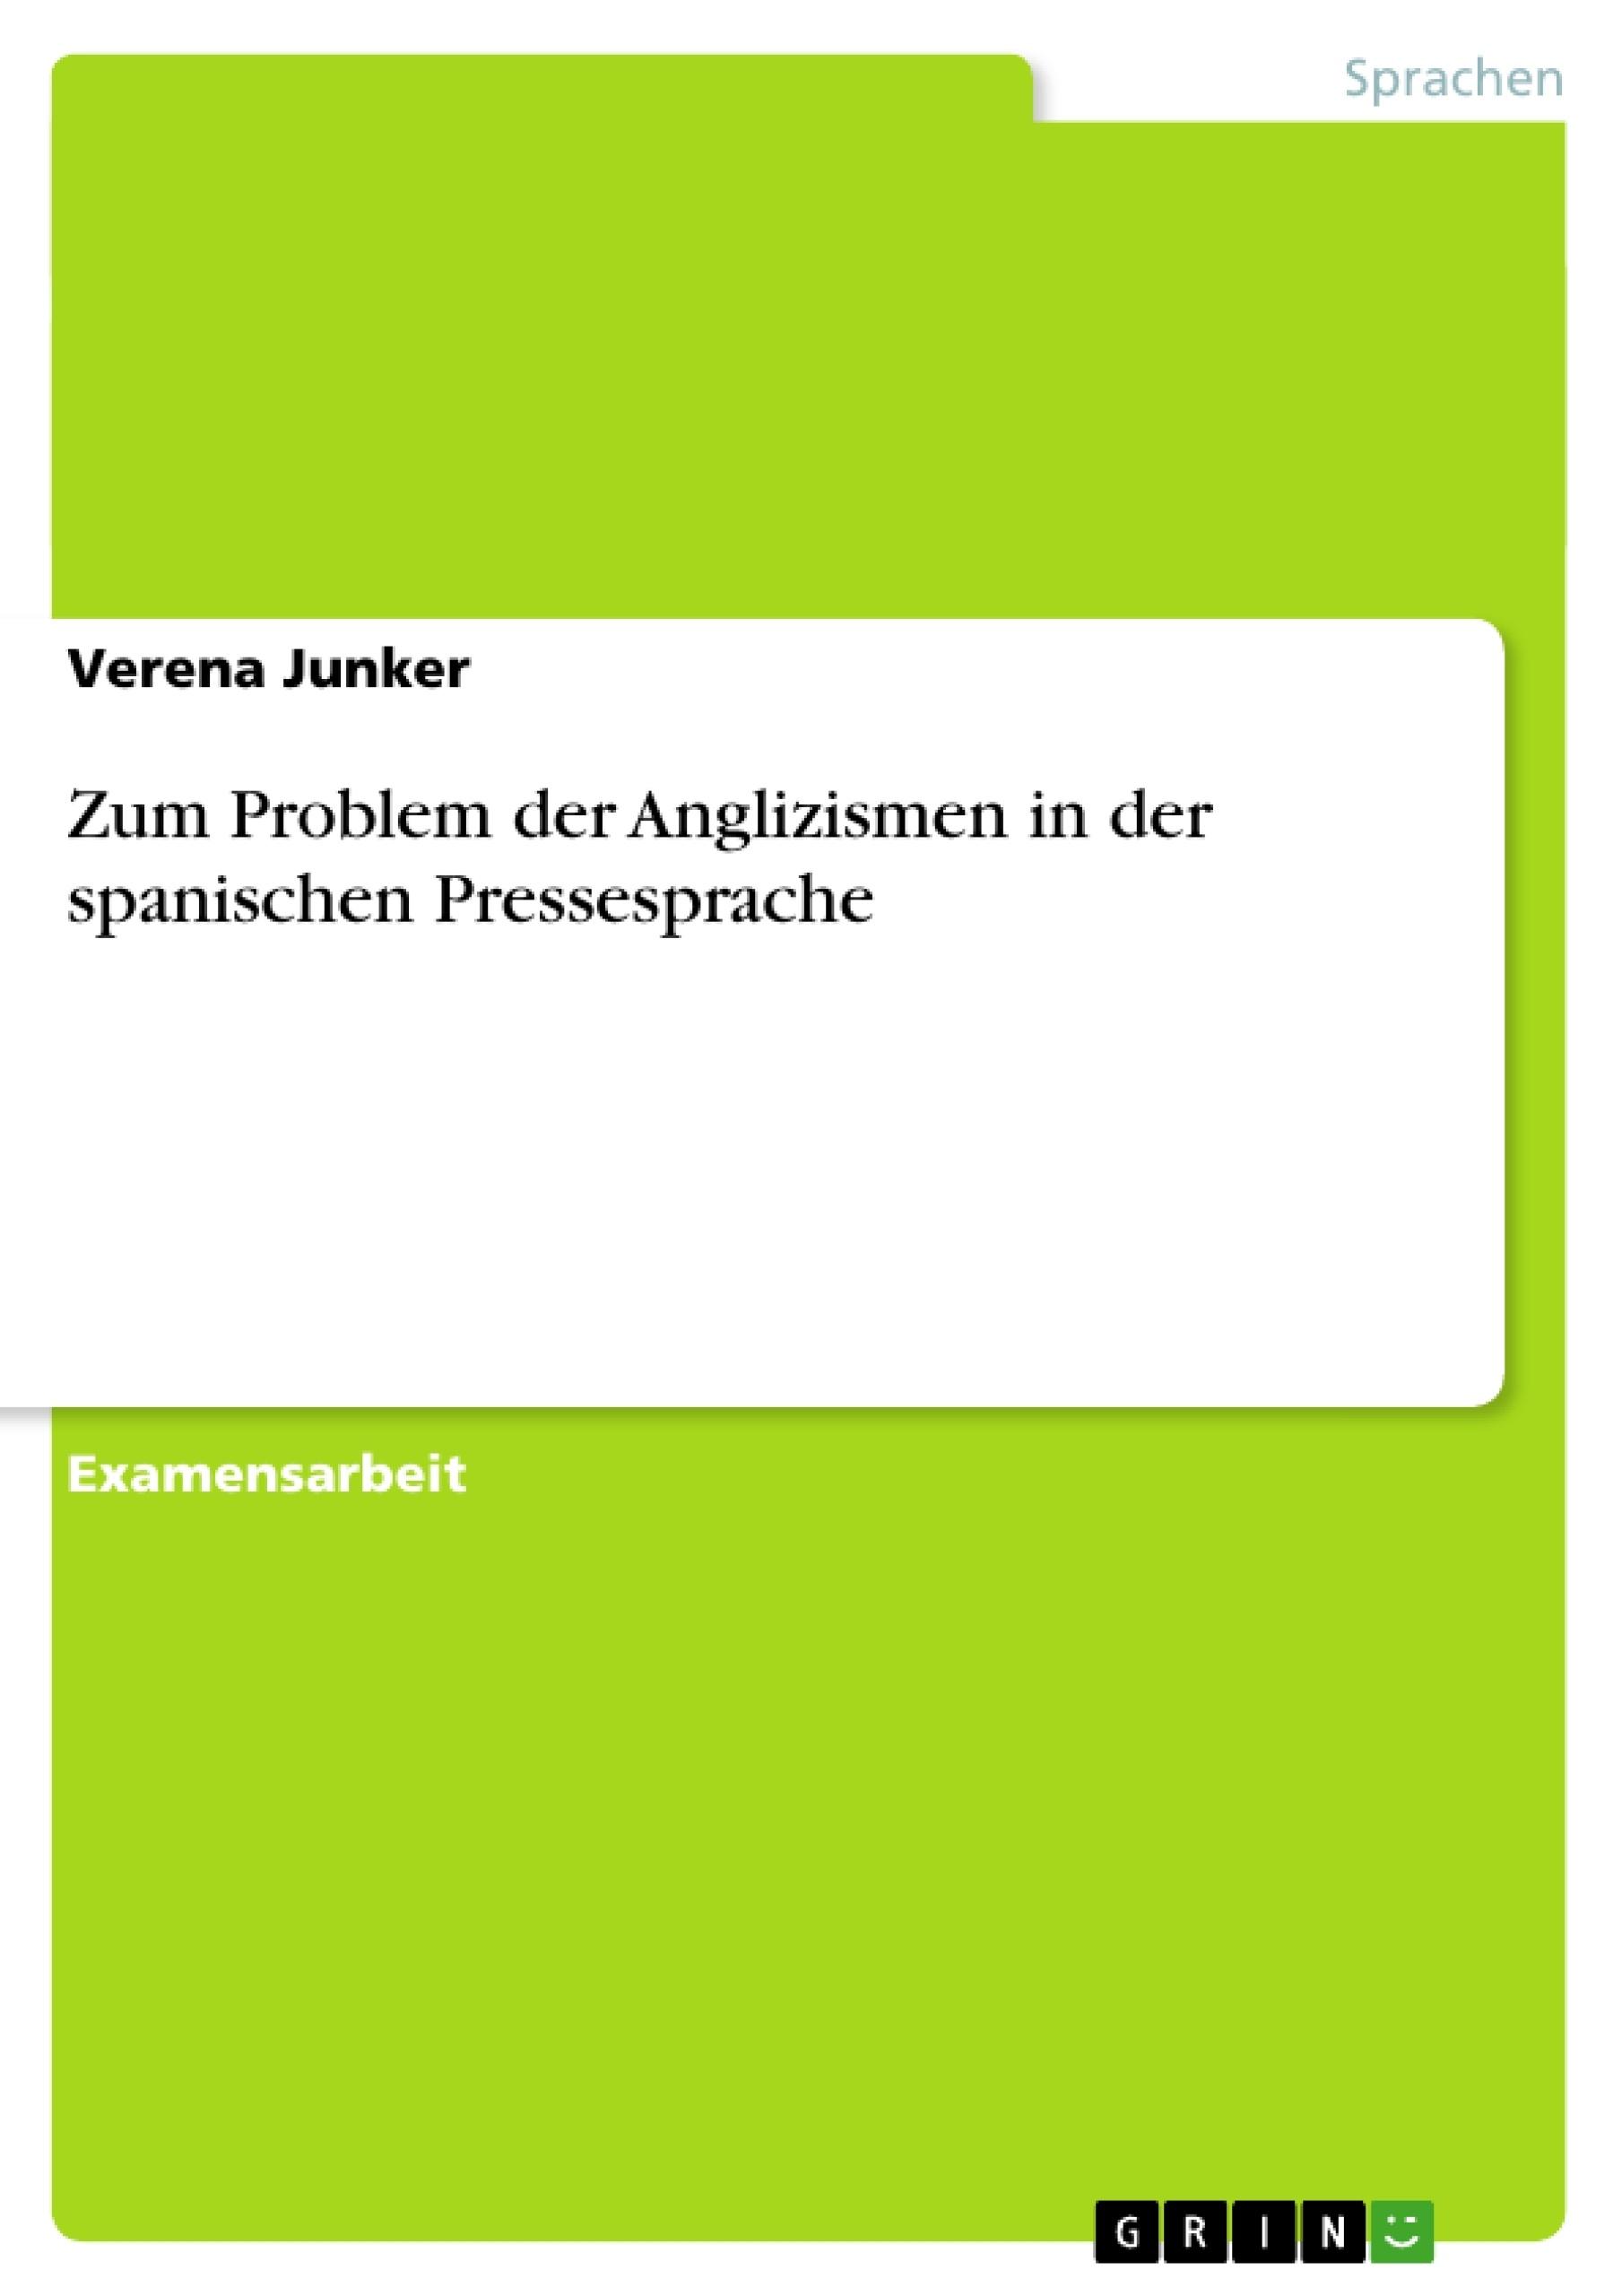 Titel: Zum Problem der Anglizismen in der spanischen Pressesprache